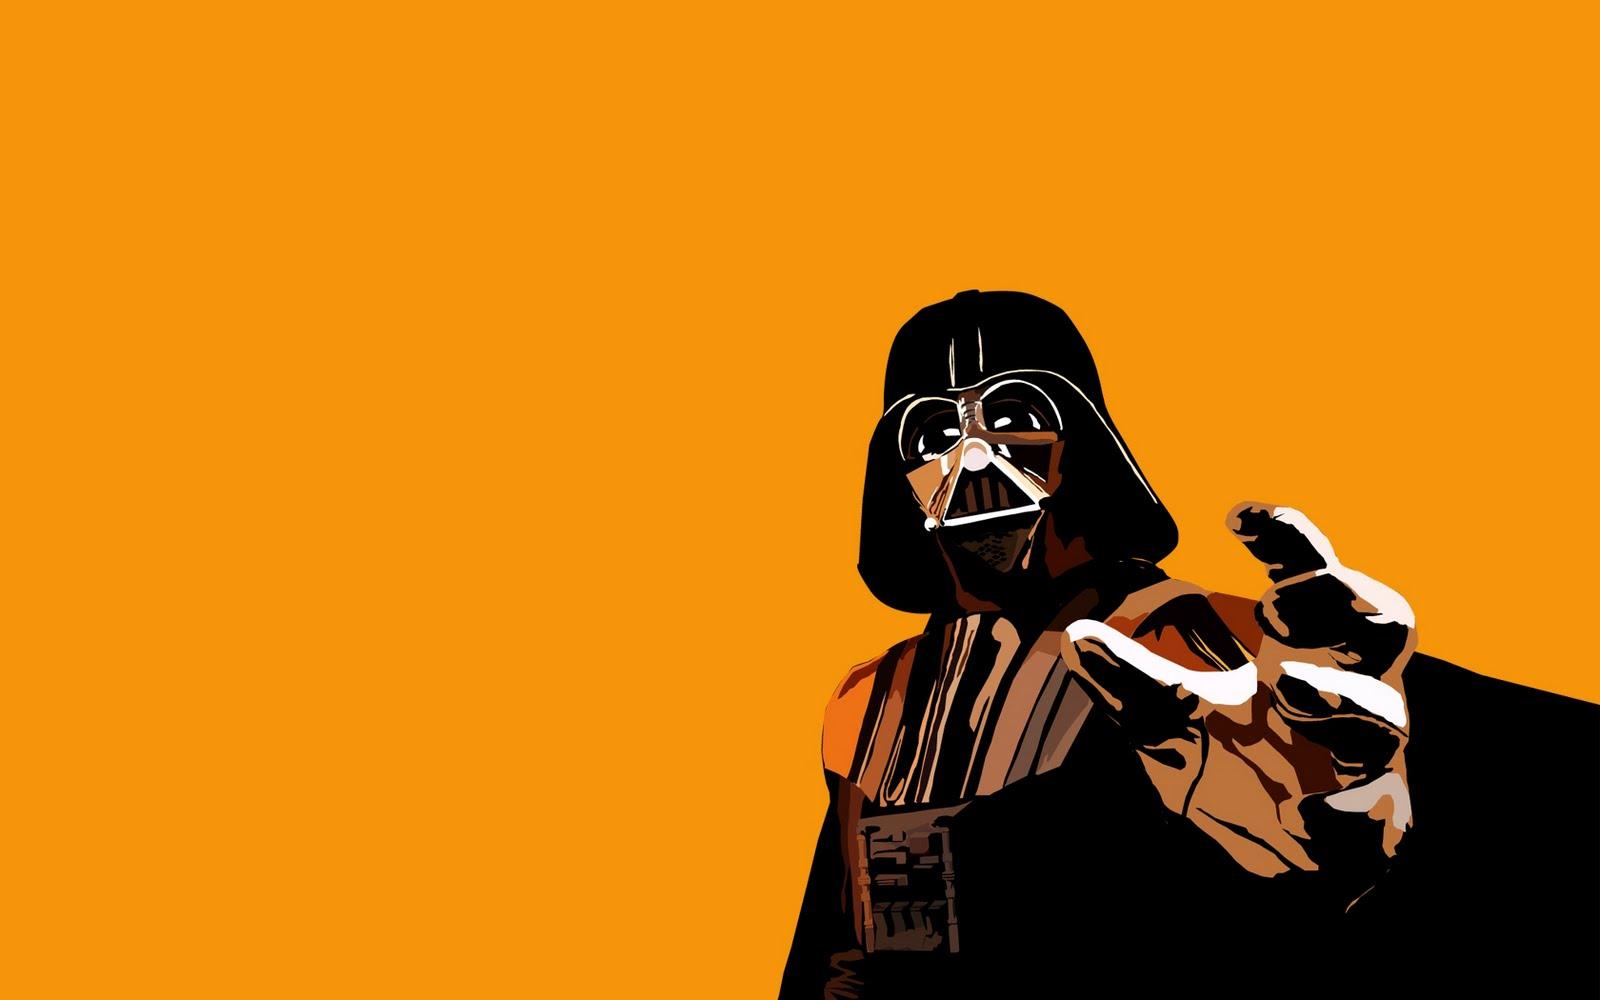 Darth Vader HD Wallpapers